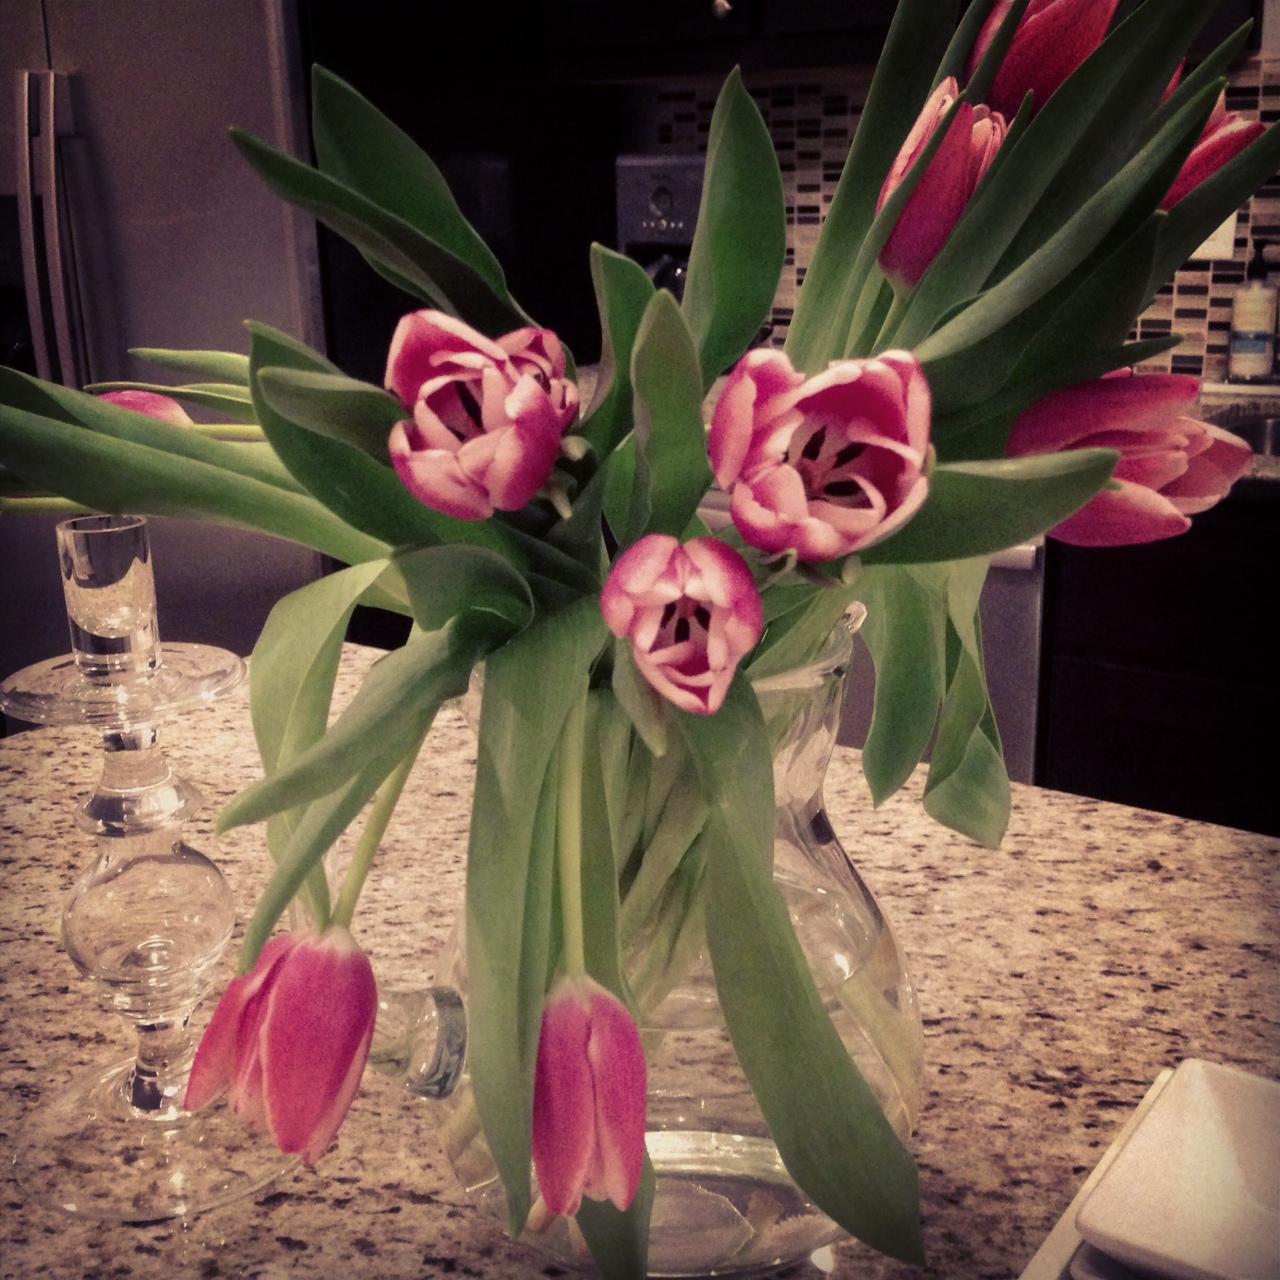 http://2.bp.blogspot.com/-RN0A28fFSn8/UR2FcSM2xpI/AAAAAAAAQ7Y/Bbc_mdxyFj8/s1600/tulips.jpg